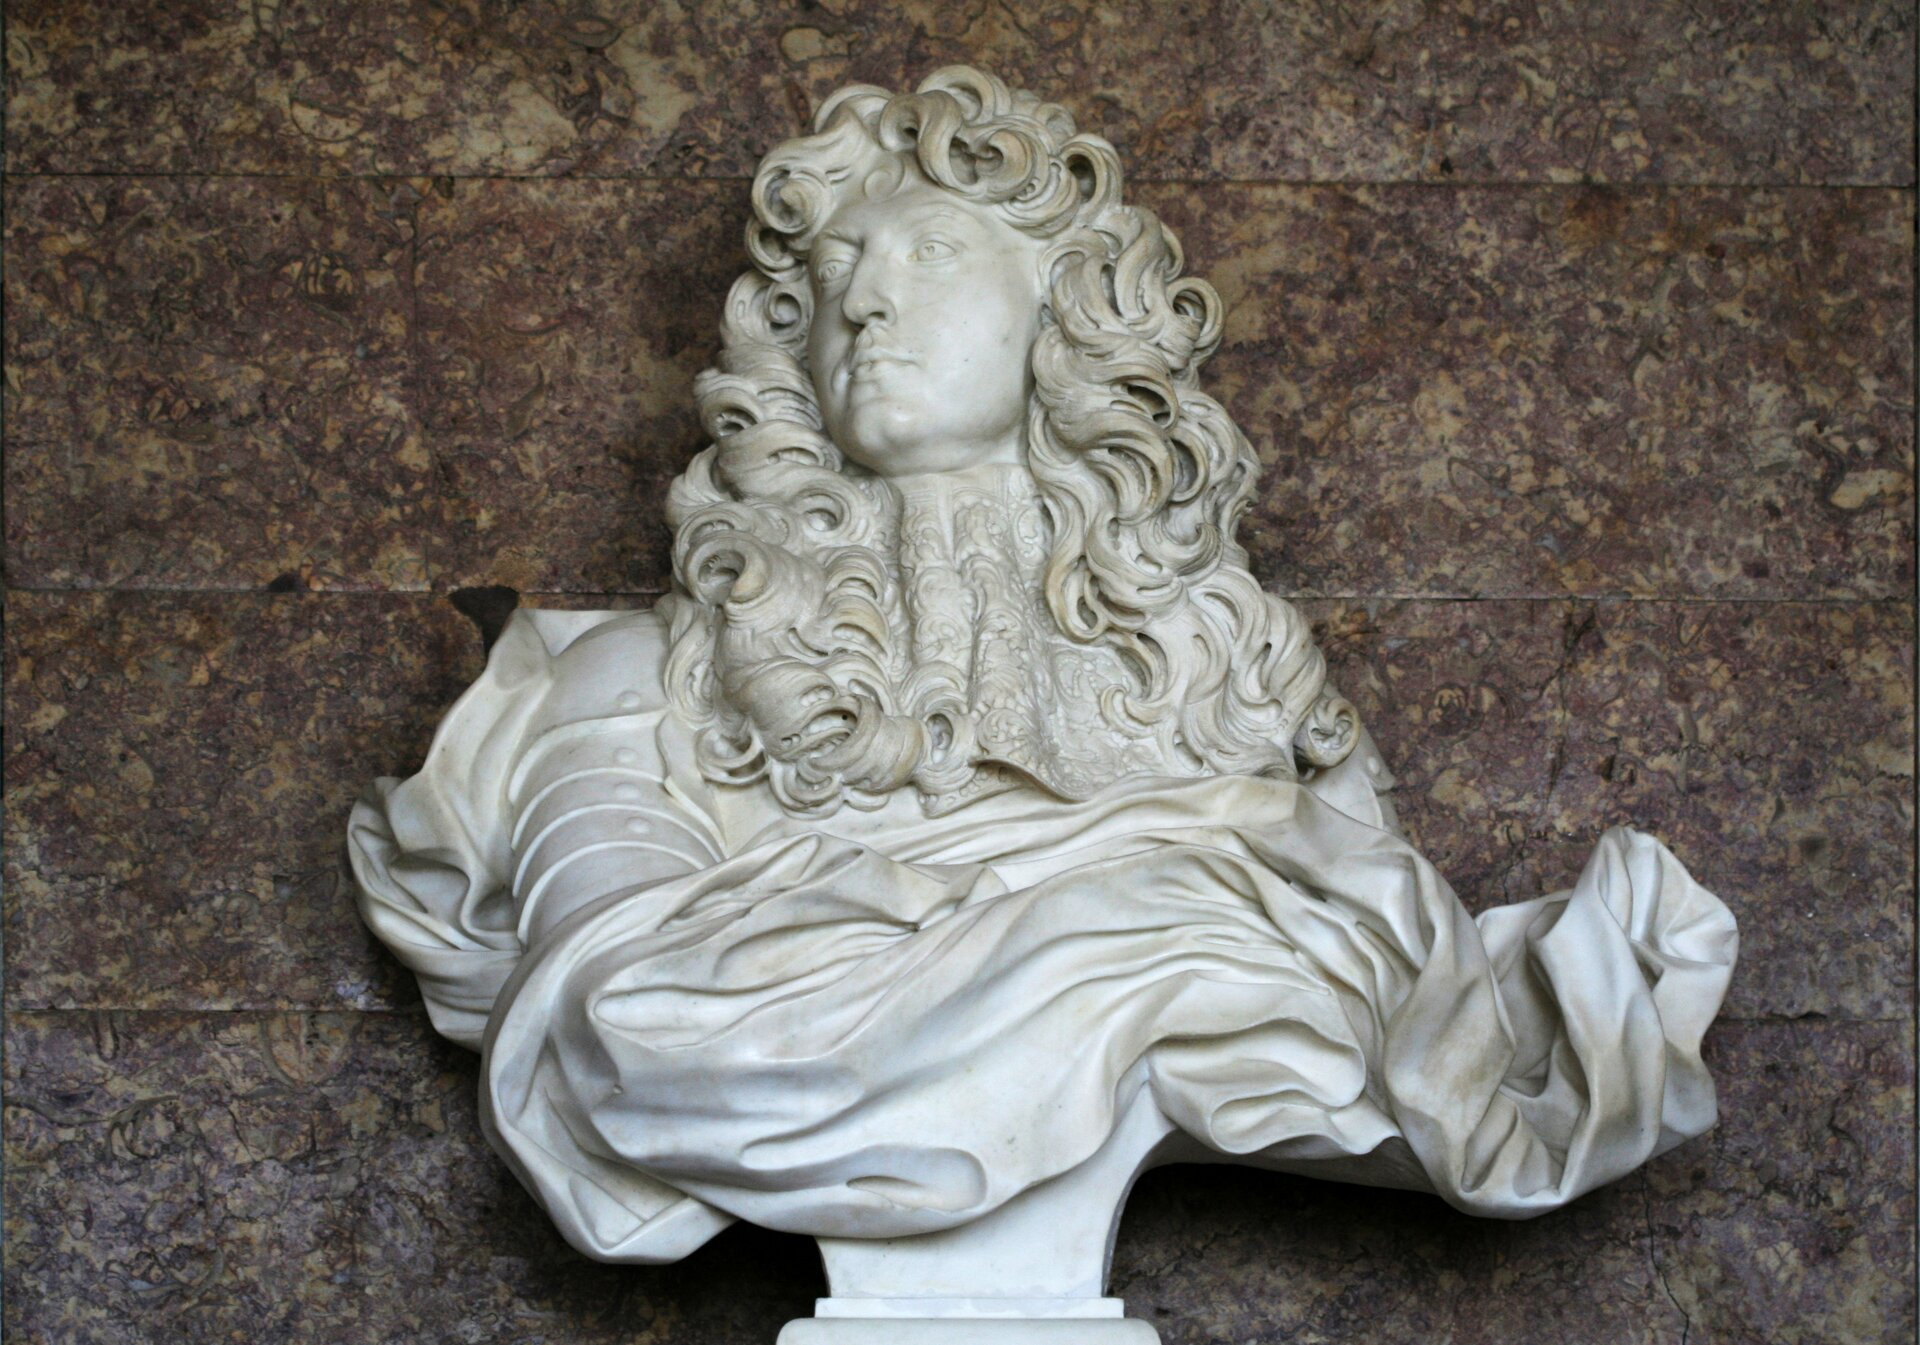 """Ilustracja przedstawia rzeźbę """"Popiersie Ludwika XIV"""" autorstwa Gian Lorenzo Berniniego. Wykonane zbiałego marmuru dzieł ukazuje mężczyznę wśrednim wieku zdługimi, kręconymi włosami spływającymi na ramiona. Postać ubrana jest wzbroję, którą okrywa dynamicznie wyrzeźbiona, pofałdowana draperia. Pod szyją znajduje się misternie wykonany, koronkowy żabot. Głowa mężczyzny zwrócona jest wprawą stronę. Popiersie wyrzeźbione jest na zwężającym się ku dołowi postumencie."""